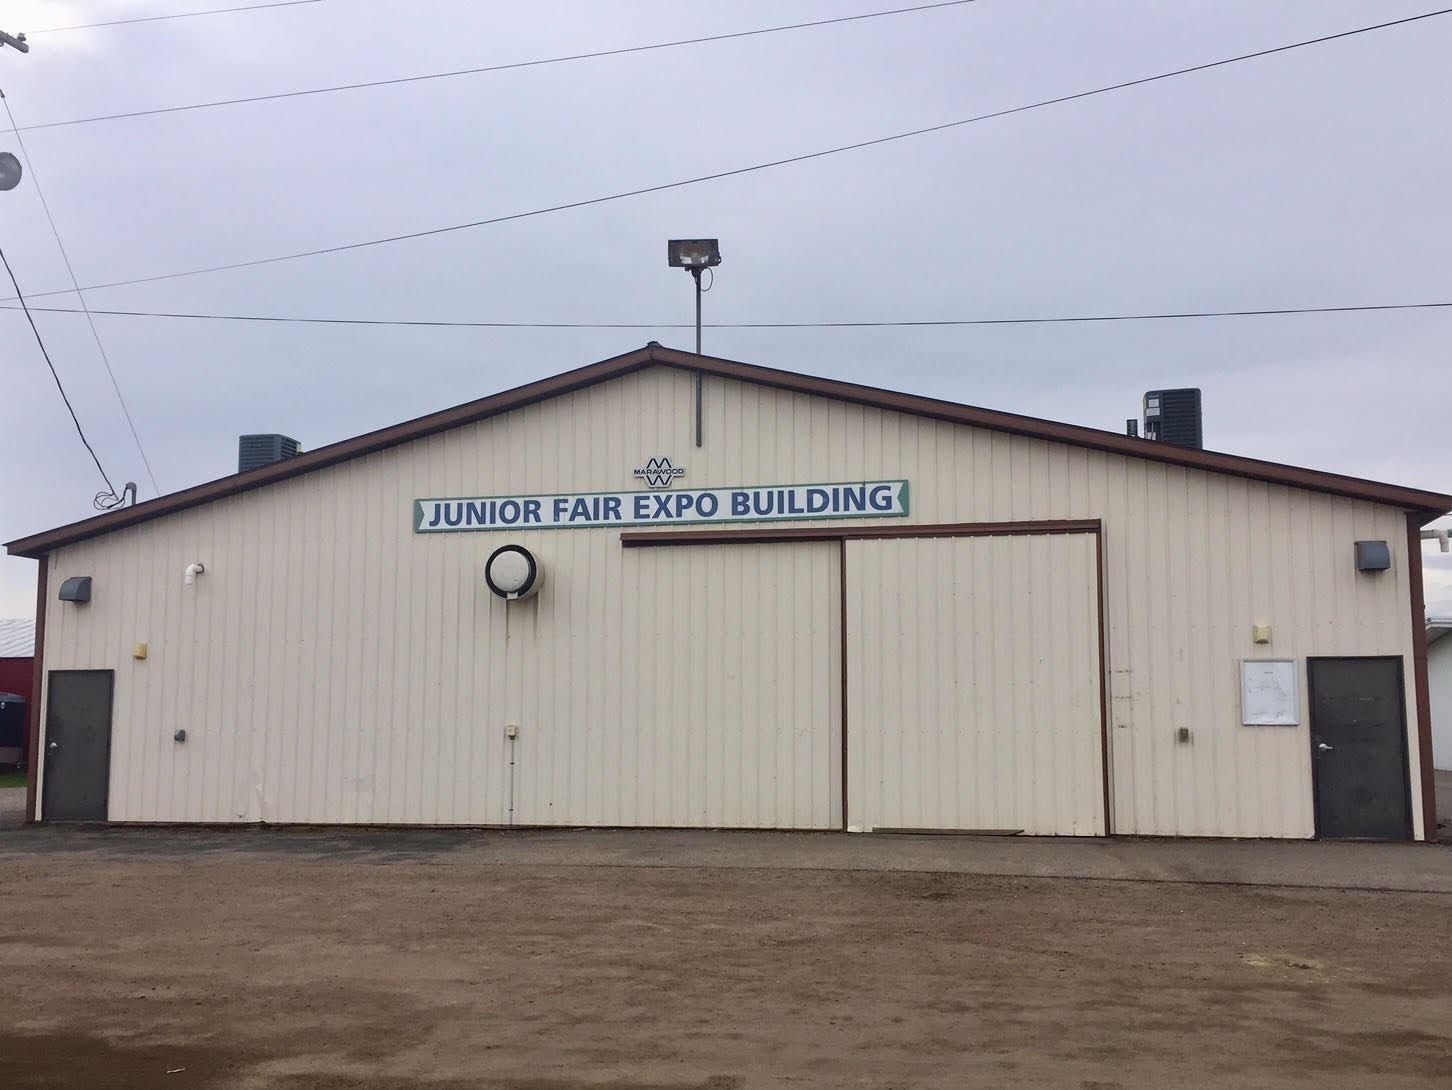 Junior Fair Expo Building